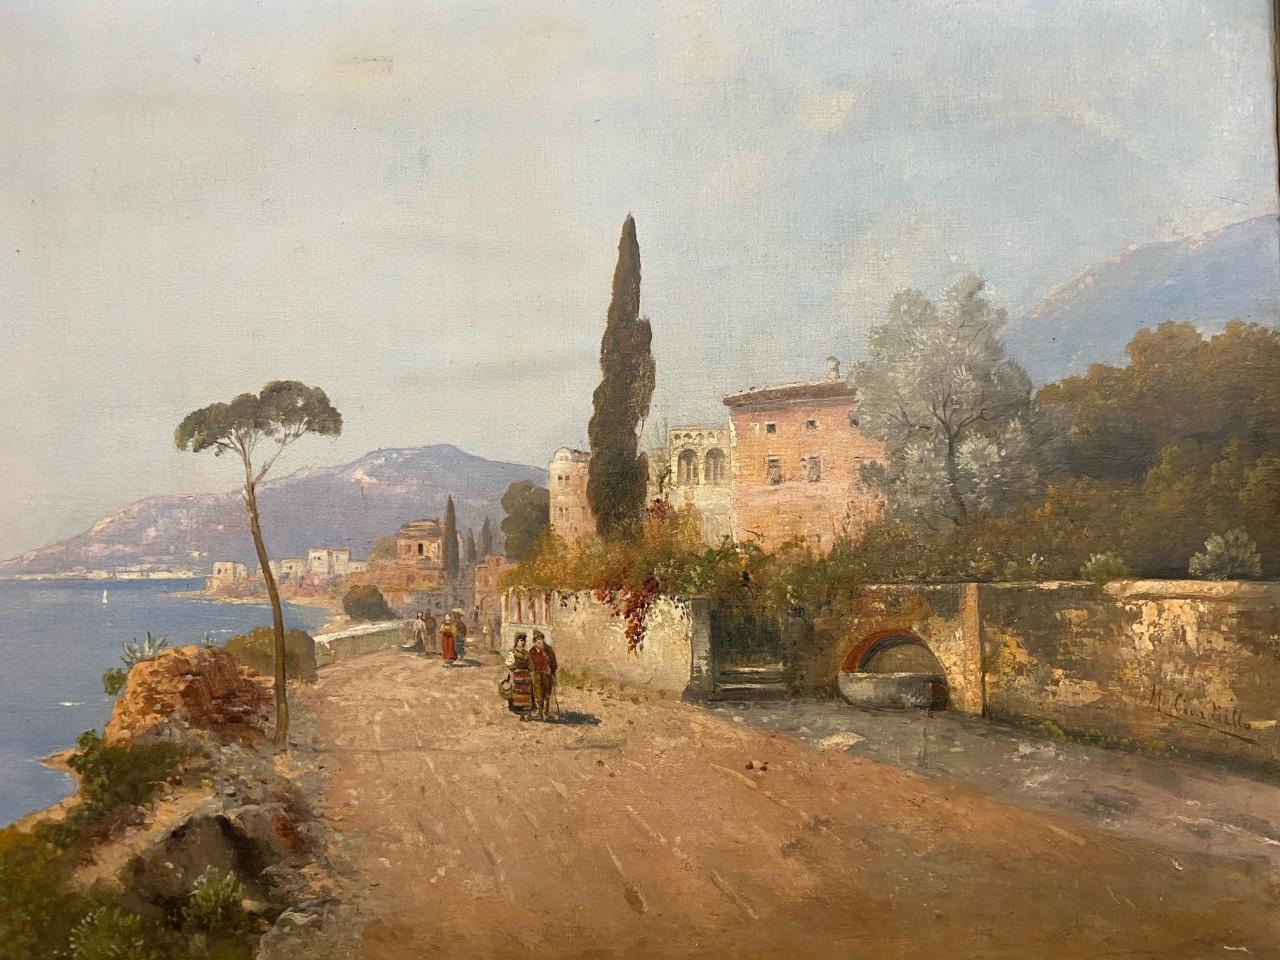 Dipinto della Costiera Amalfitana del 1800 - Antichità Ioviero